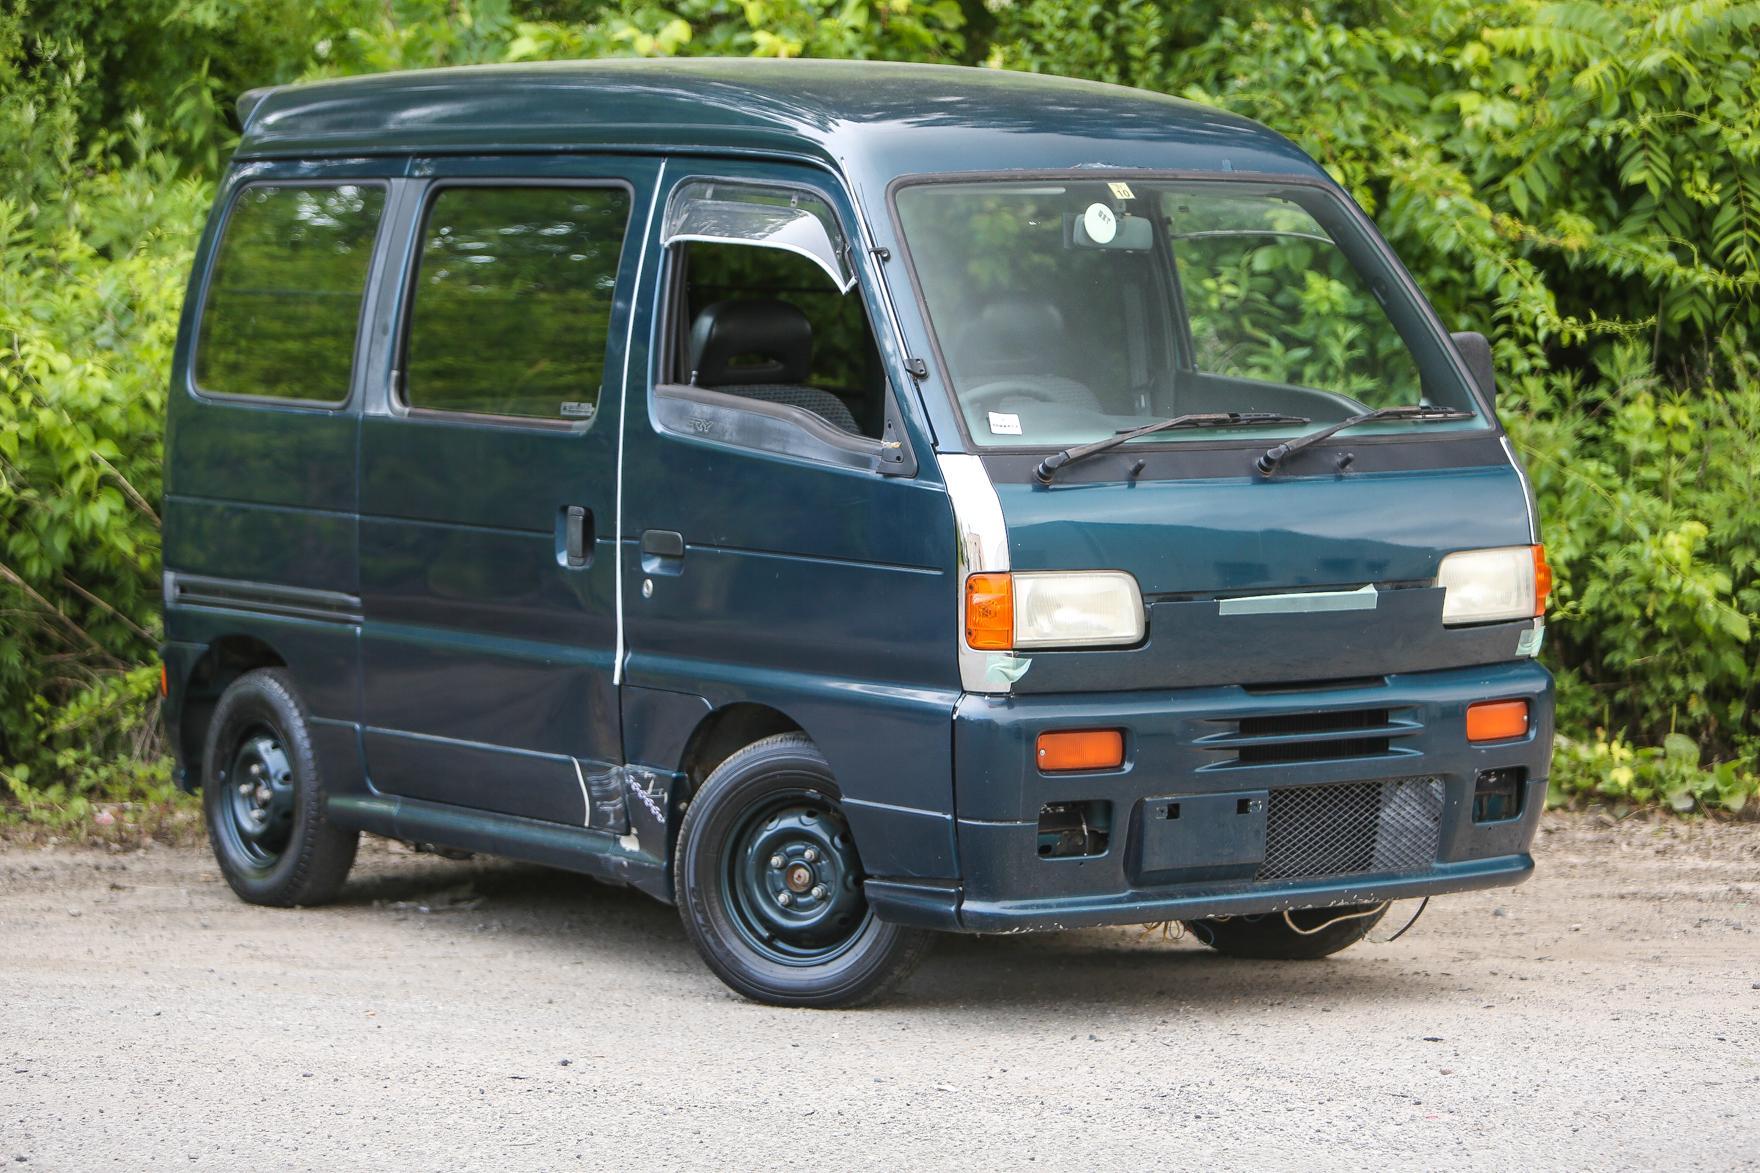 1995 Suzuki Every Joy Pop Turbo - $7,950